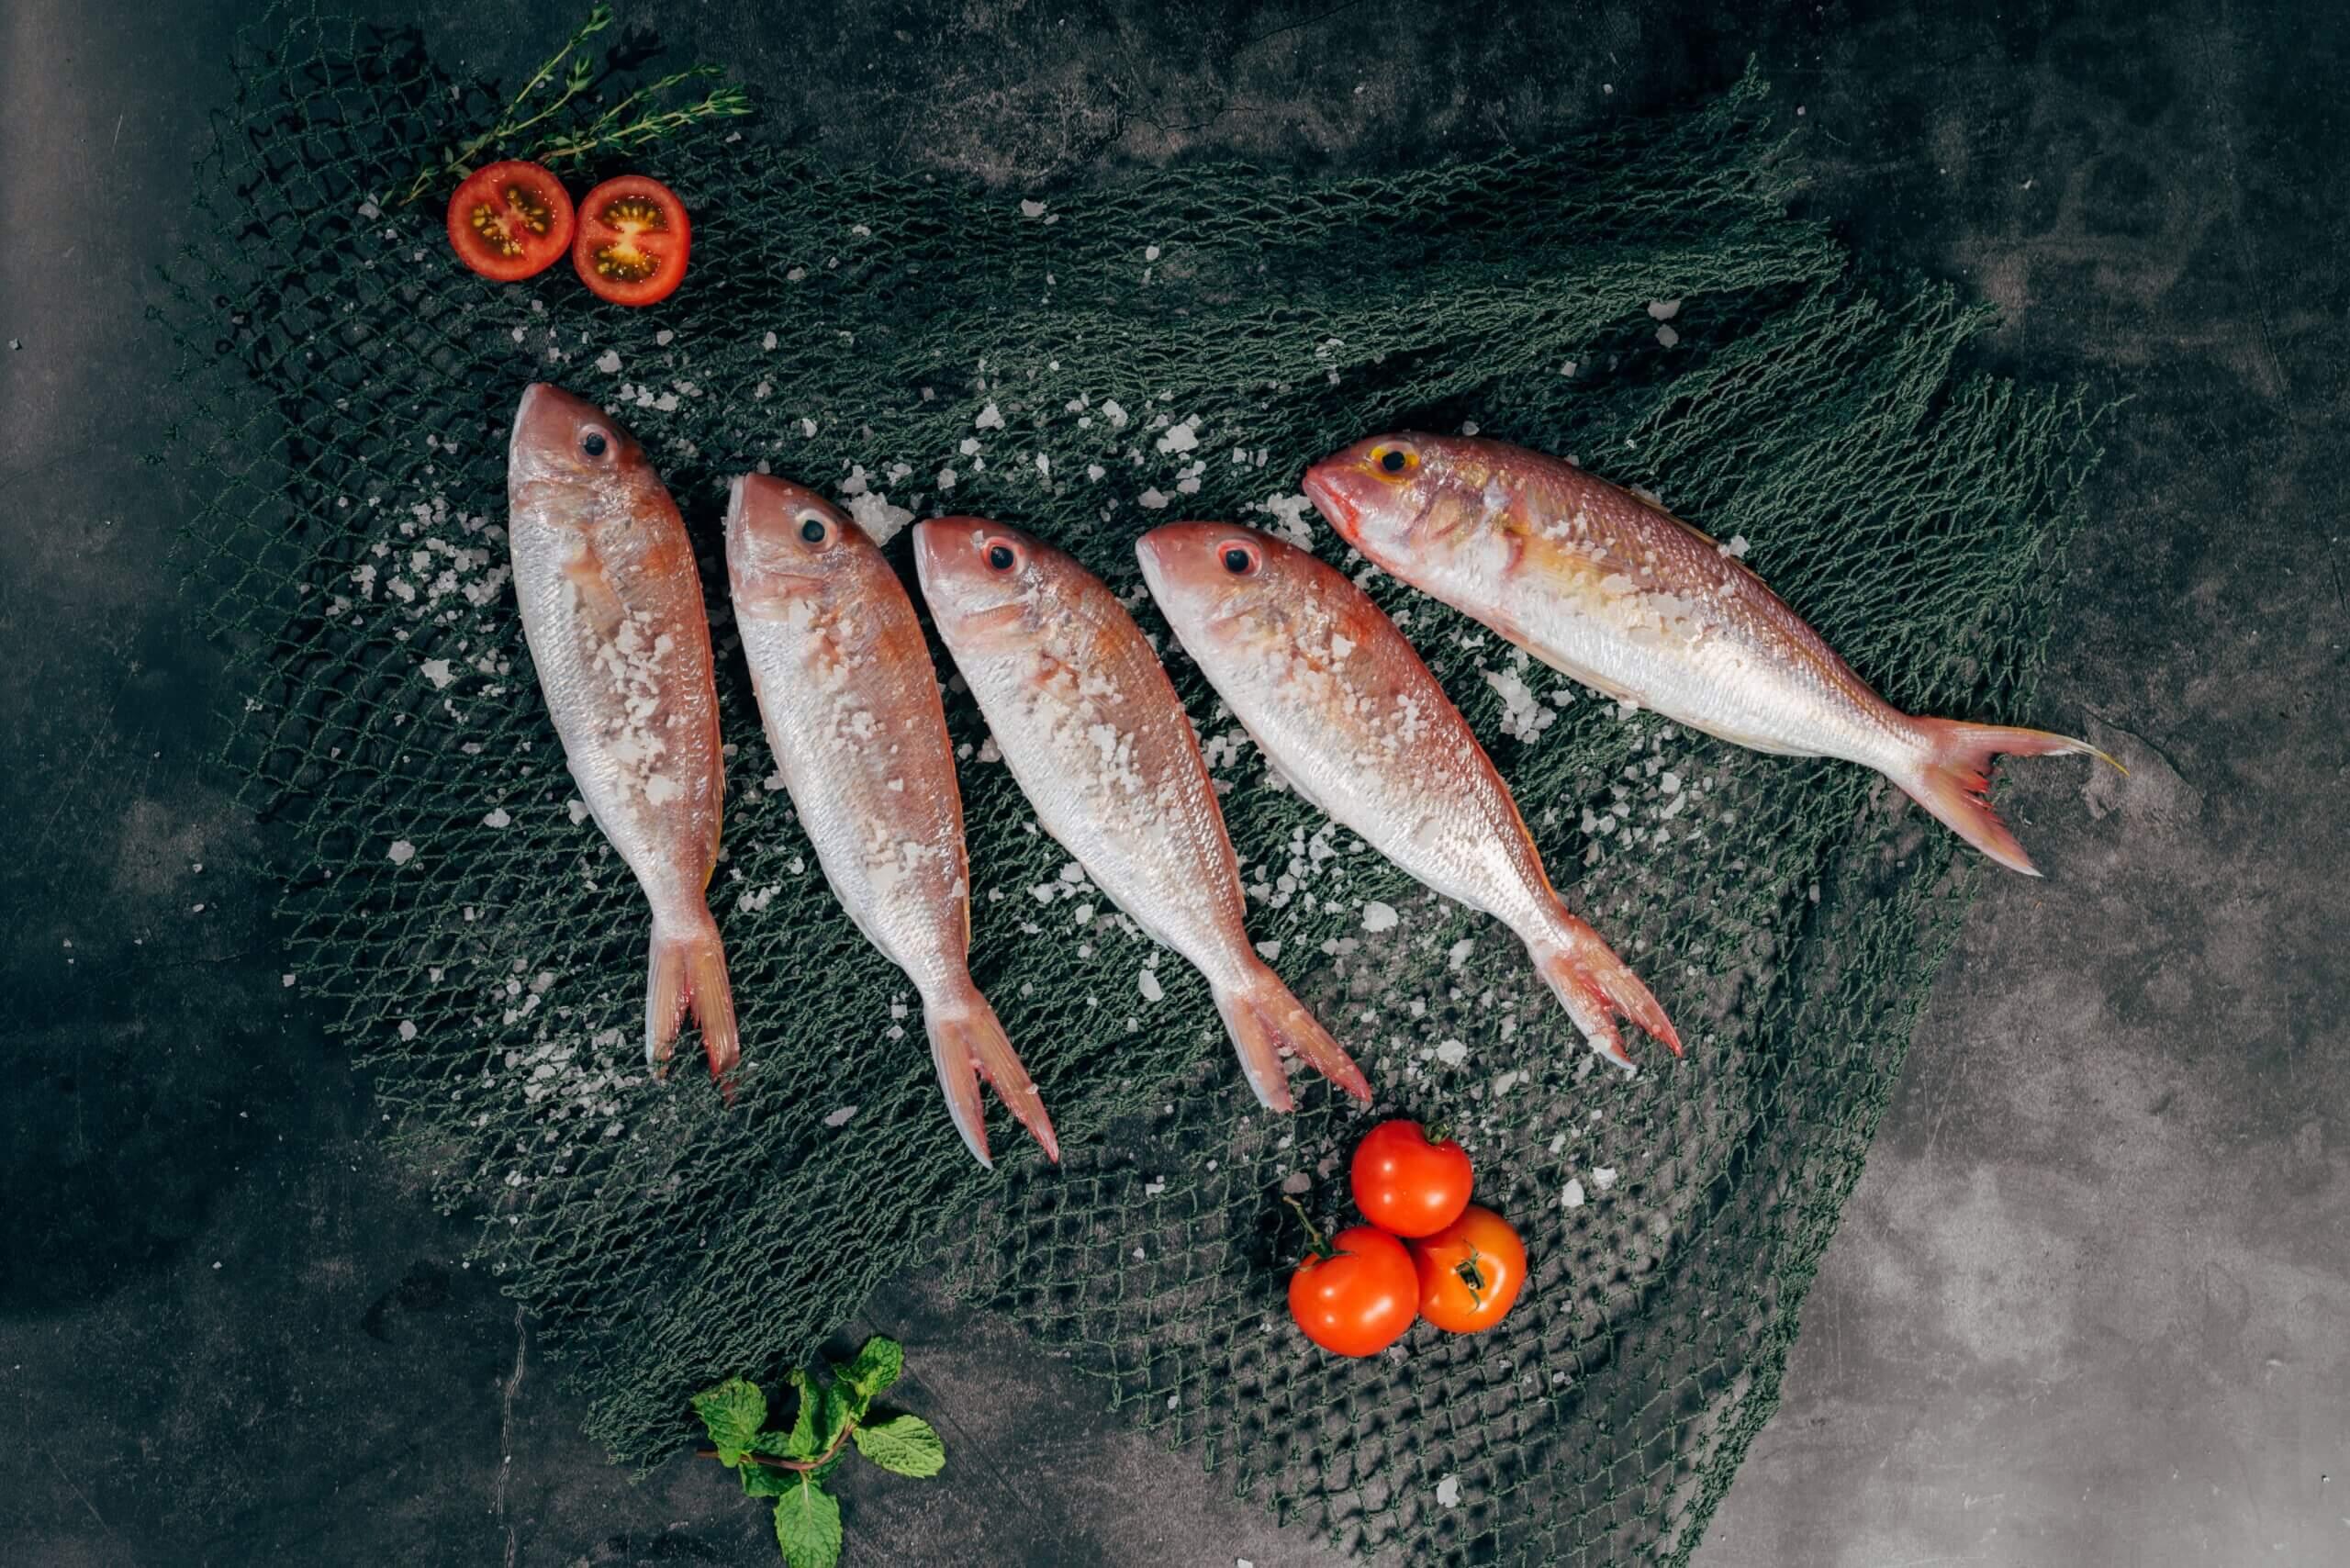 Как правильно выбирать рыбу: свежую, охлажденную, замороженную, красную